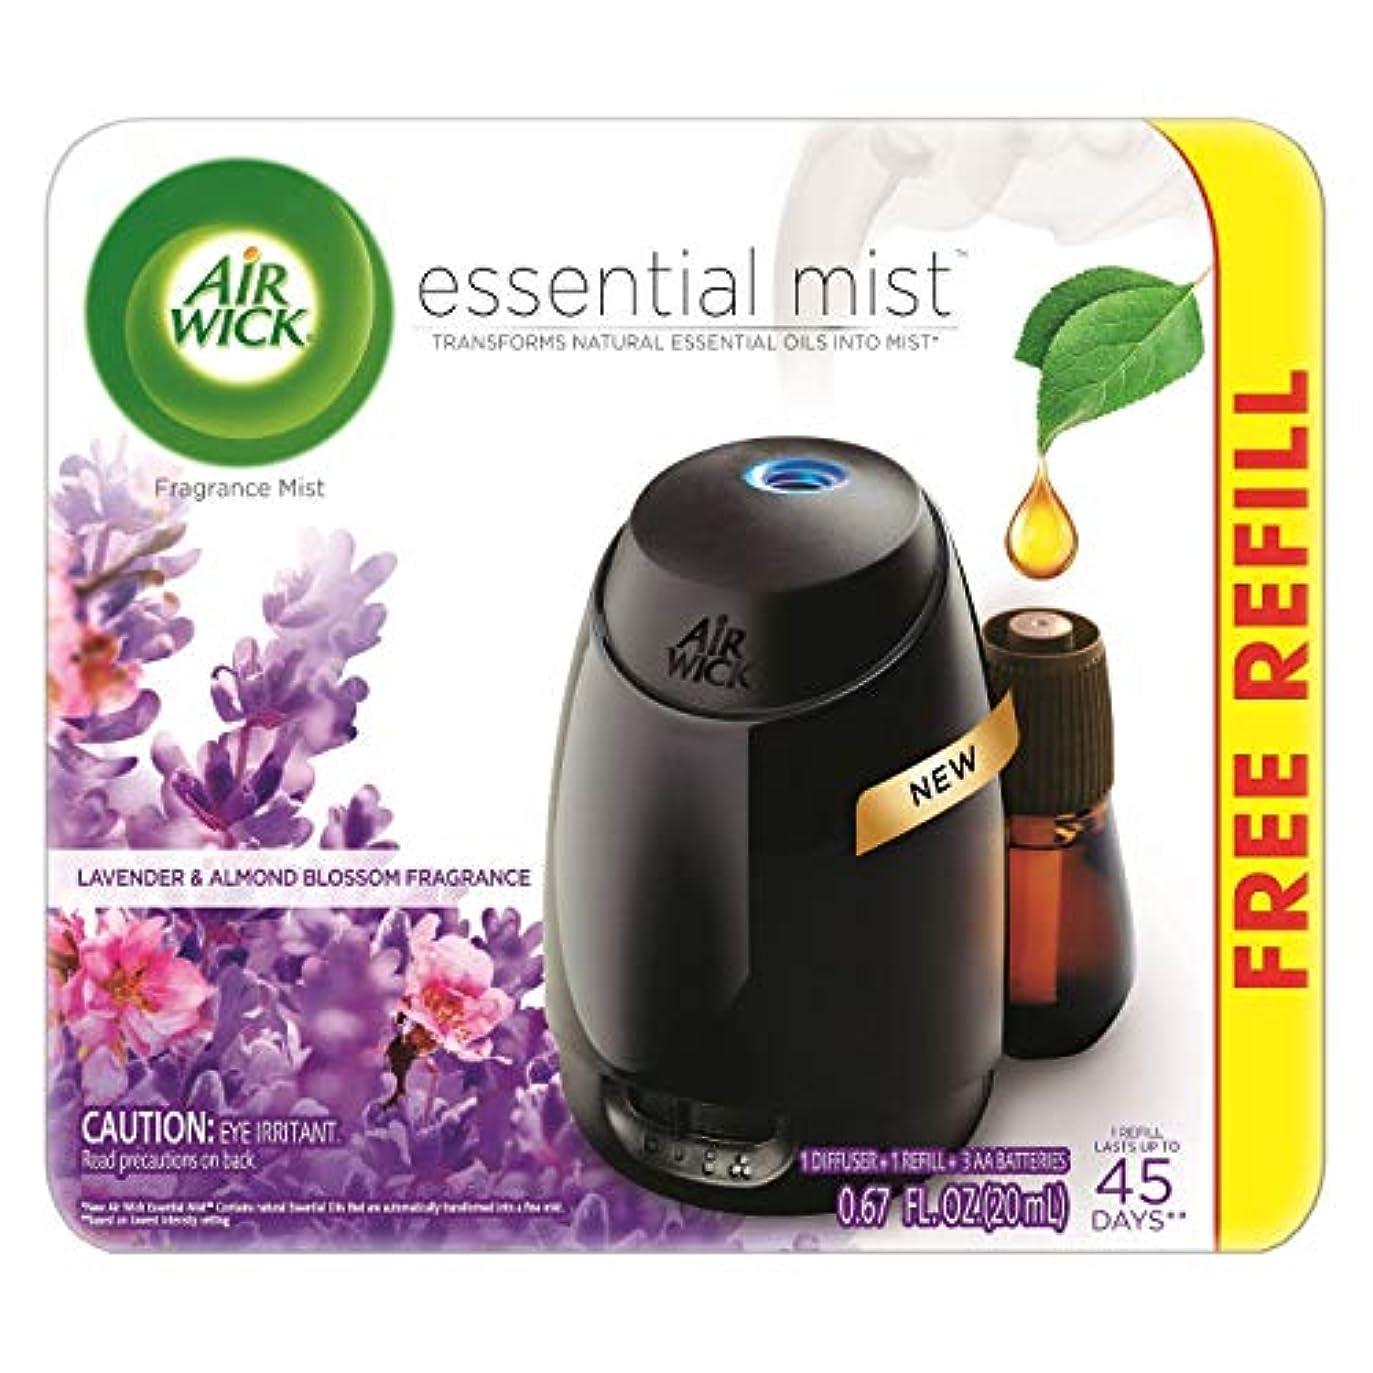 参加する誘惑する考慮Air Wick Fresh Lavender & Almond Blossom Fragrance Essential エアーウィックフレッシュフレグランスエッセンシャルミスト本体+ ラベンダー&アーモンドブロッサム...